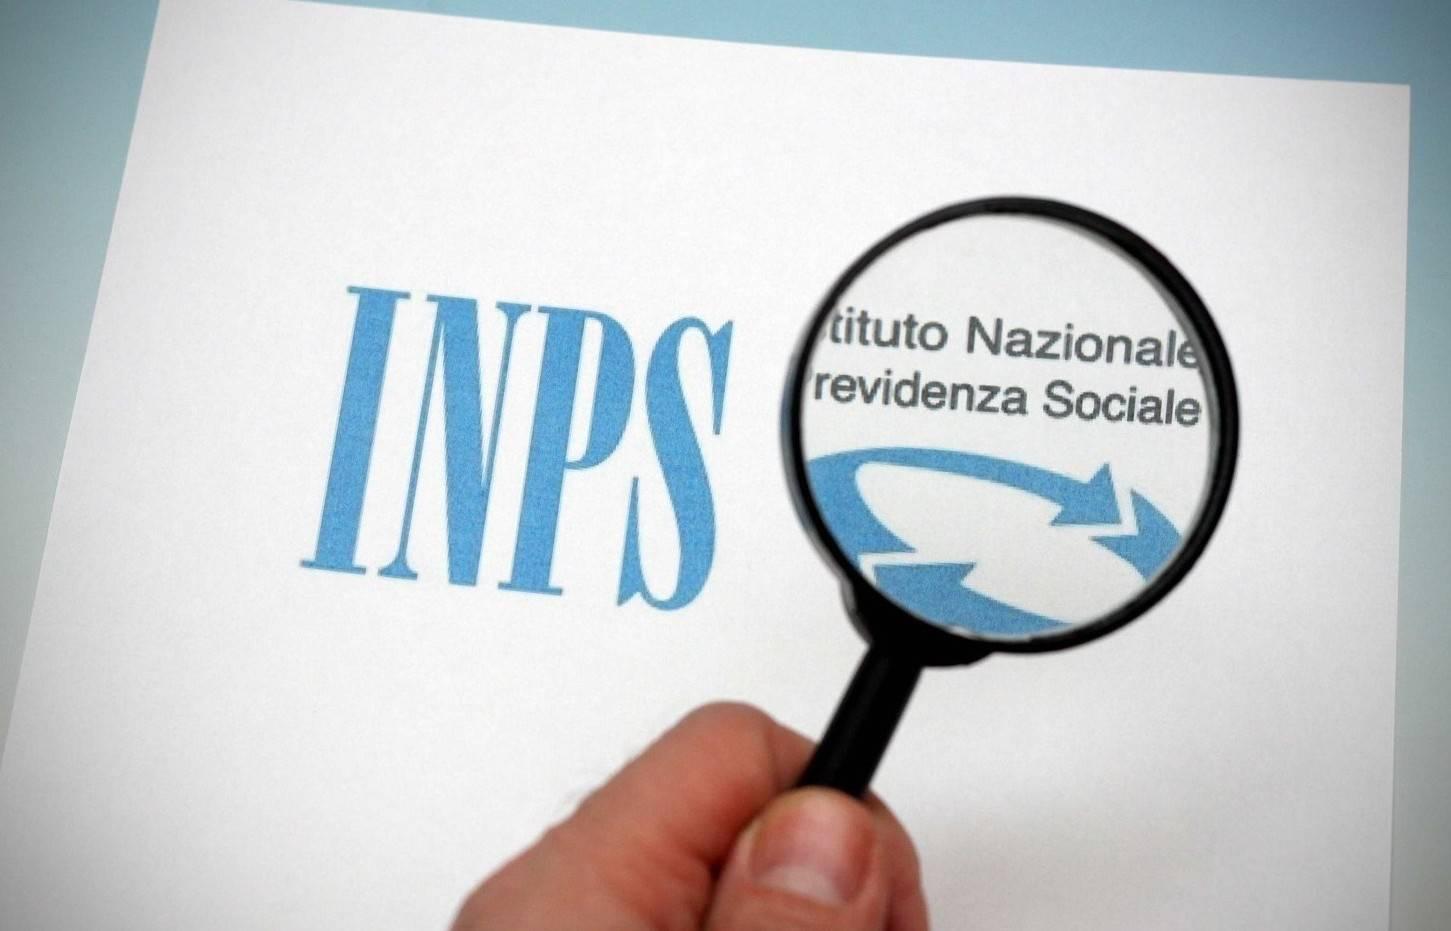 Immagine di copertina di: Inps: illegittime le trattenute sulla pensione se l'errore l'ha commesso l'ente previdenziale